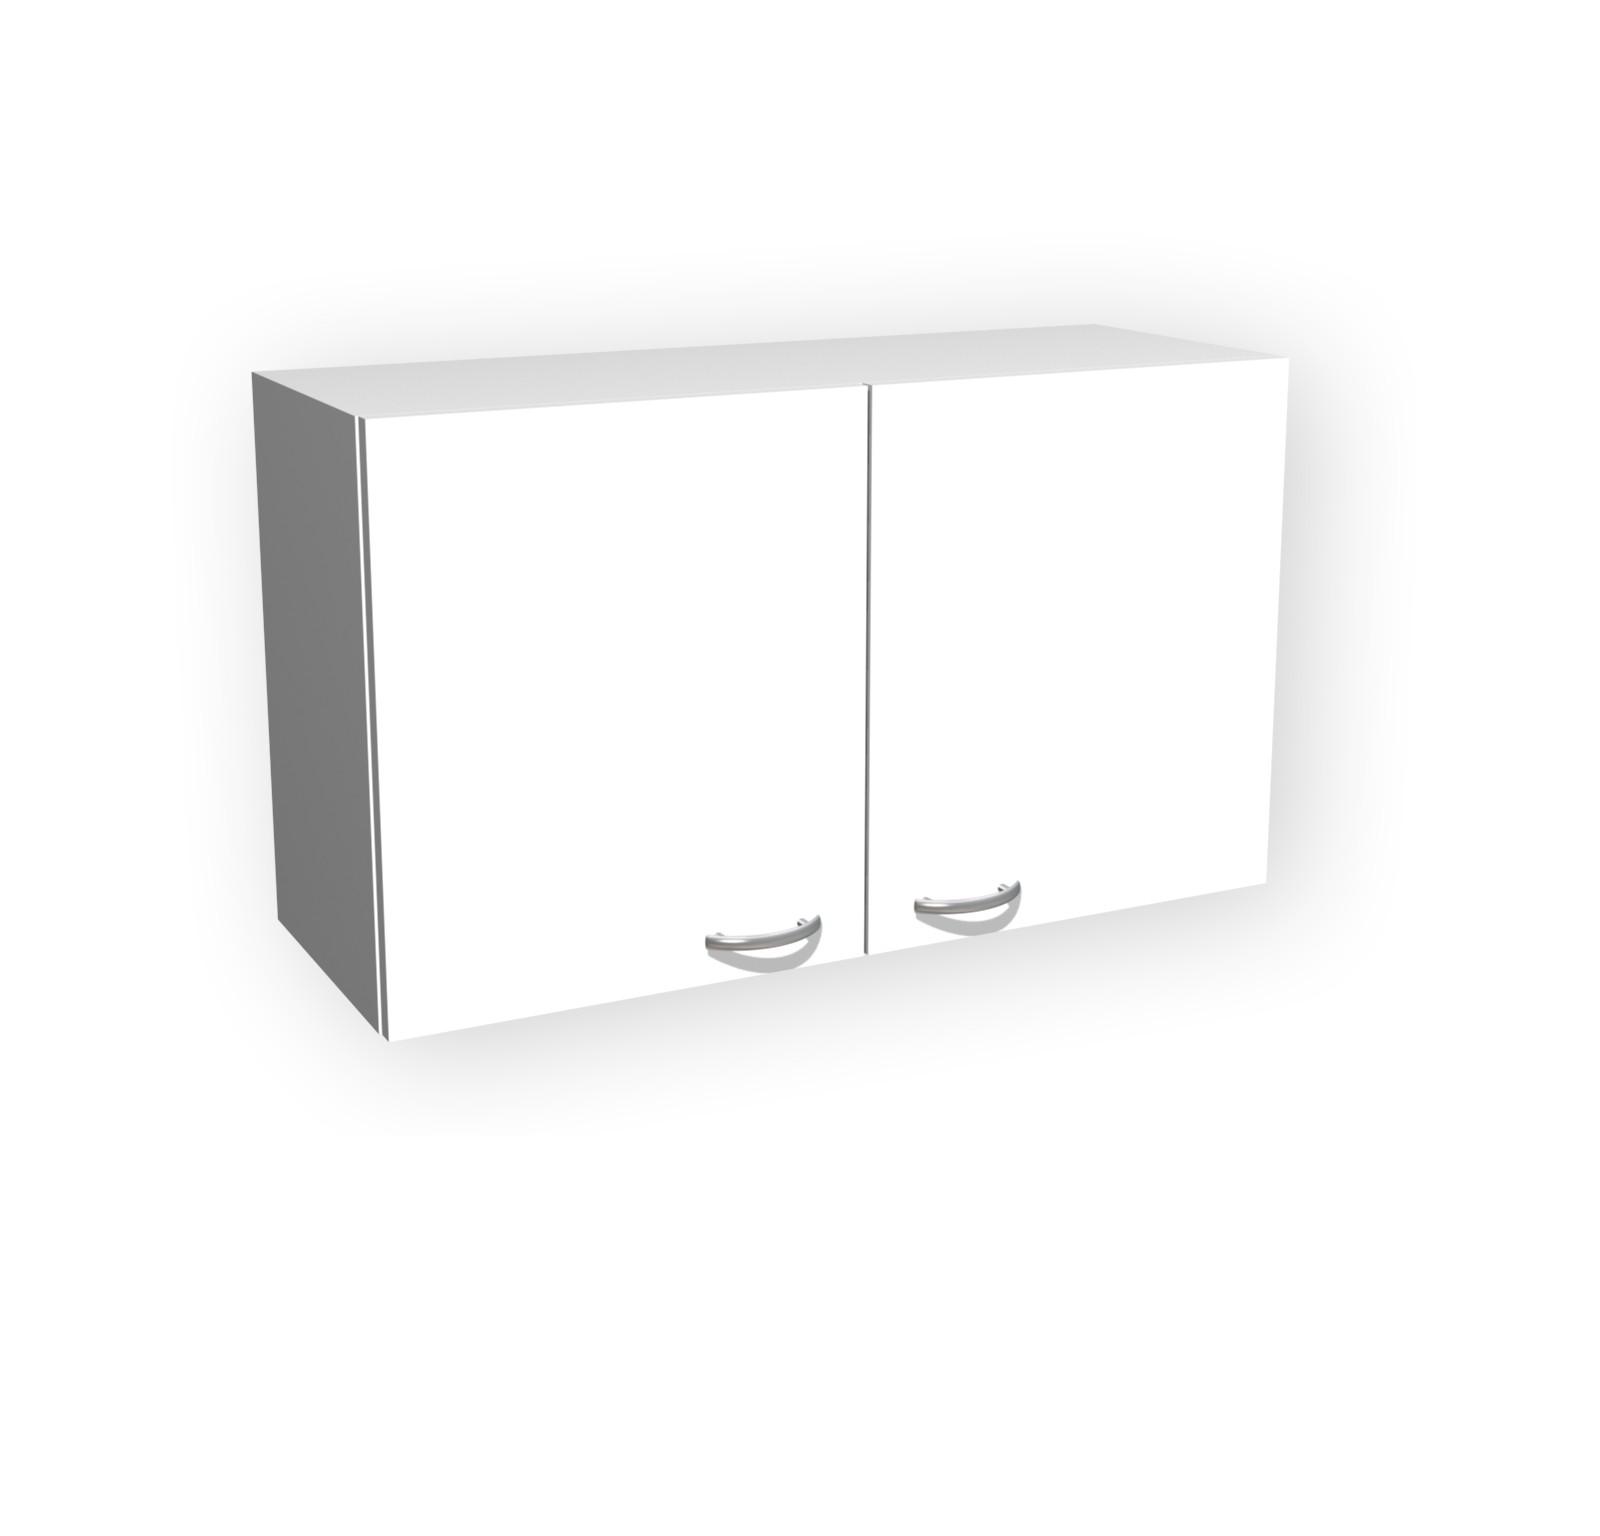 k chen h ngeschrank unna k chenschrank oberschrank k chen. Black Bedroom Furniture Sets. Home Design Ideas